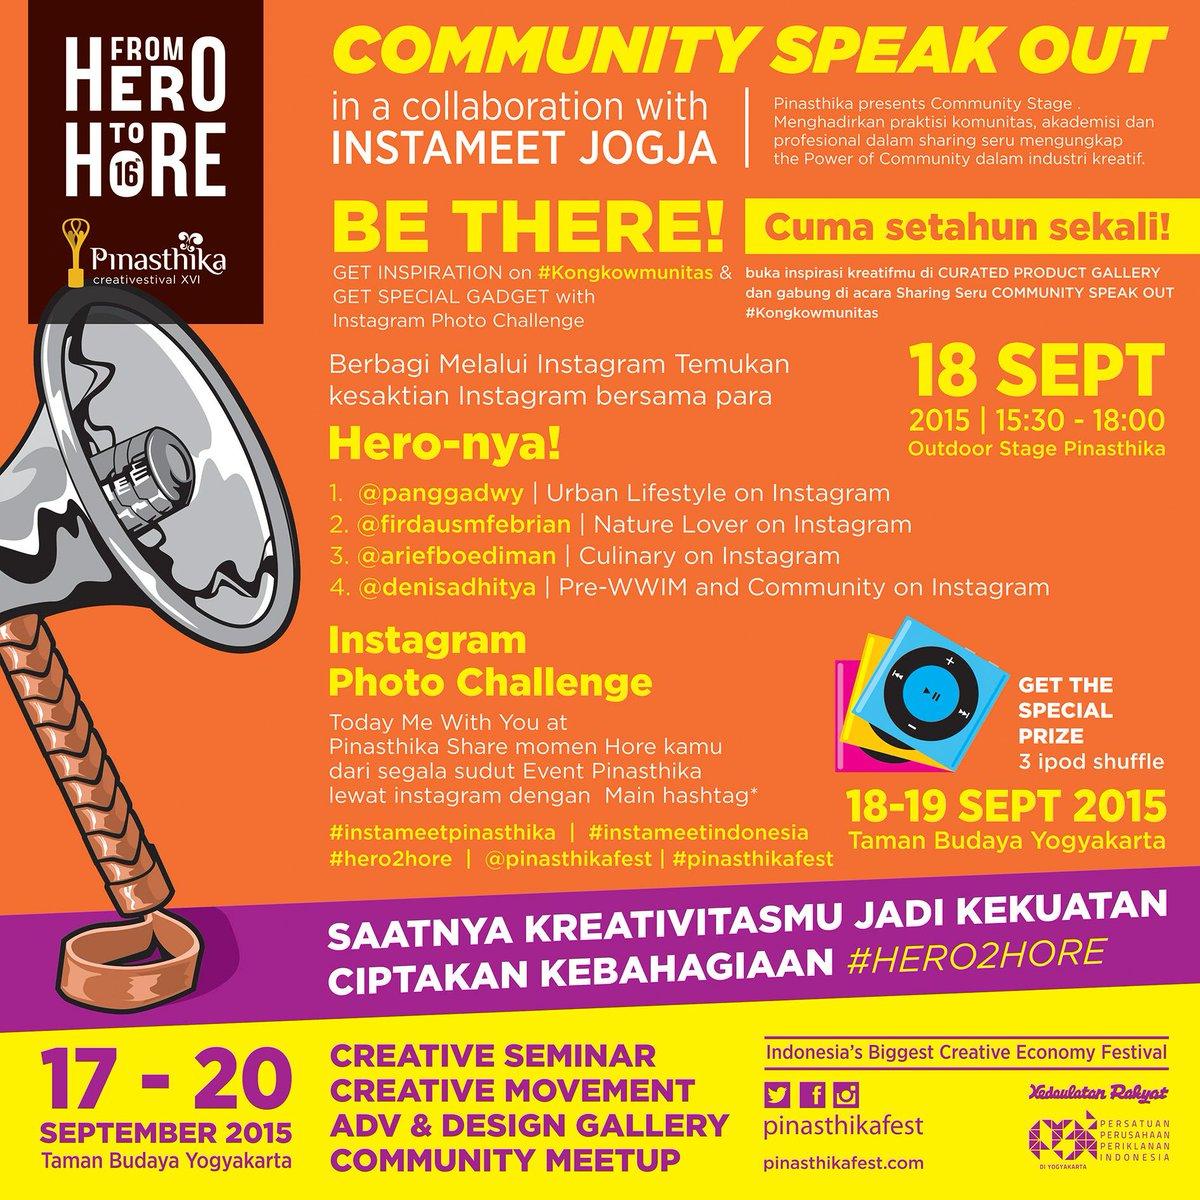 pinasthika-award-2015-from-hero-to-hore-yogyakarta